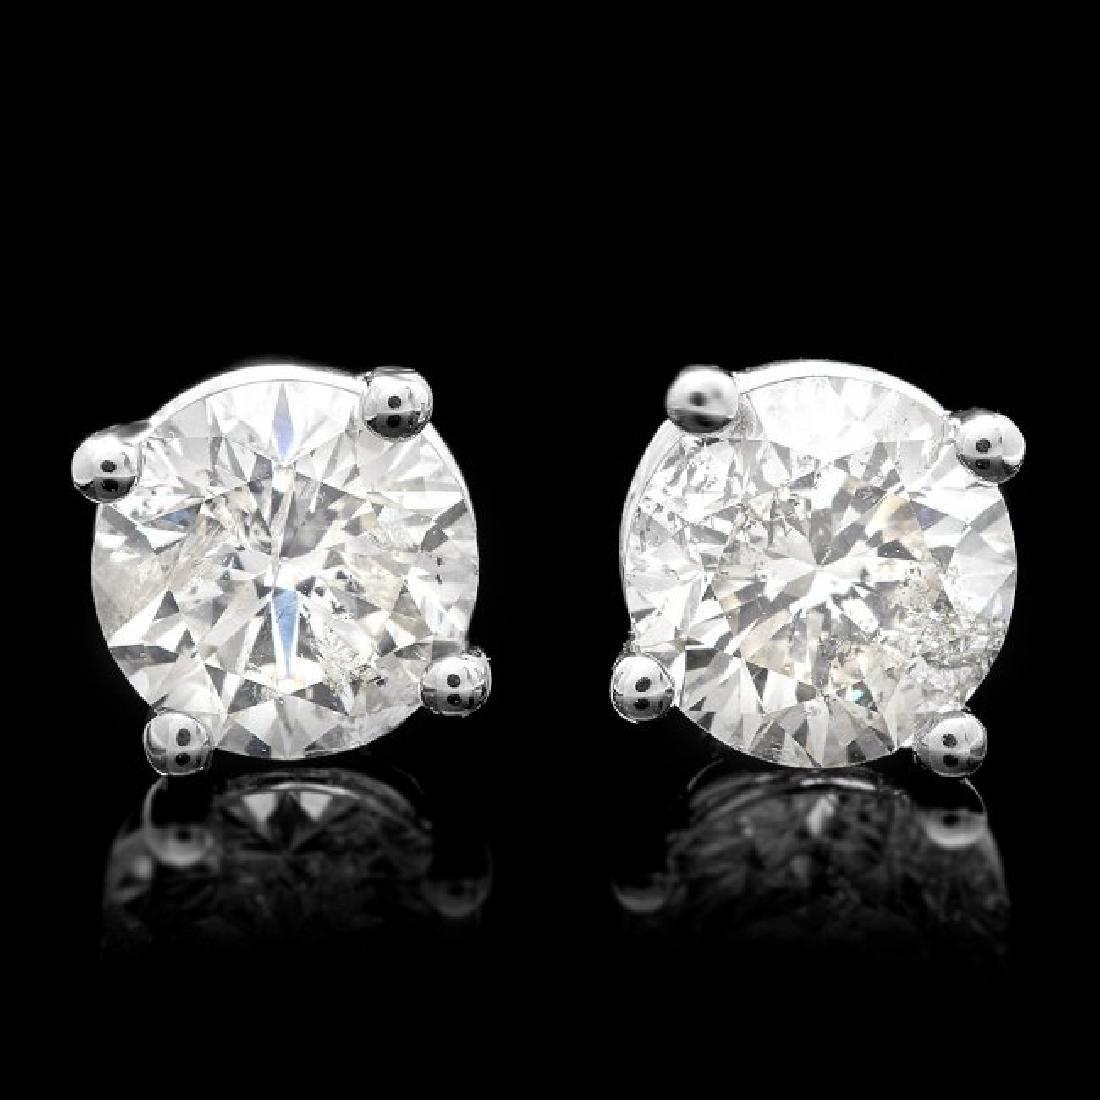 14k White Gold 1.70ct Diamond Earrings